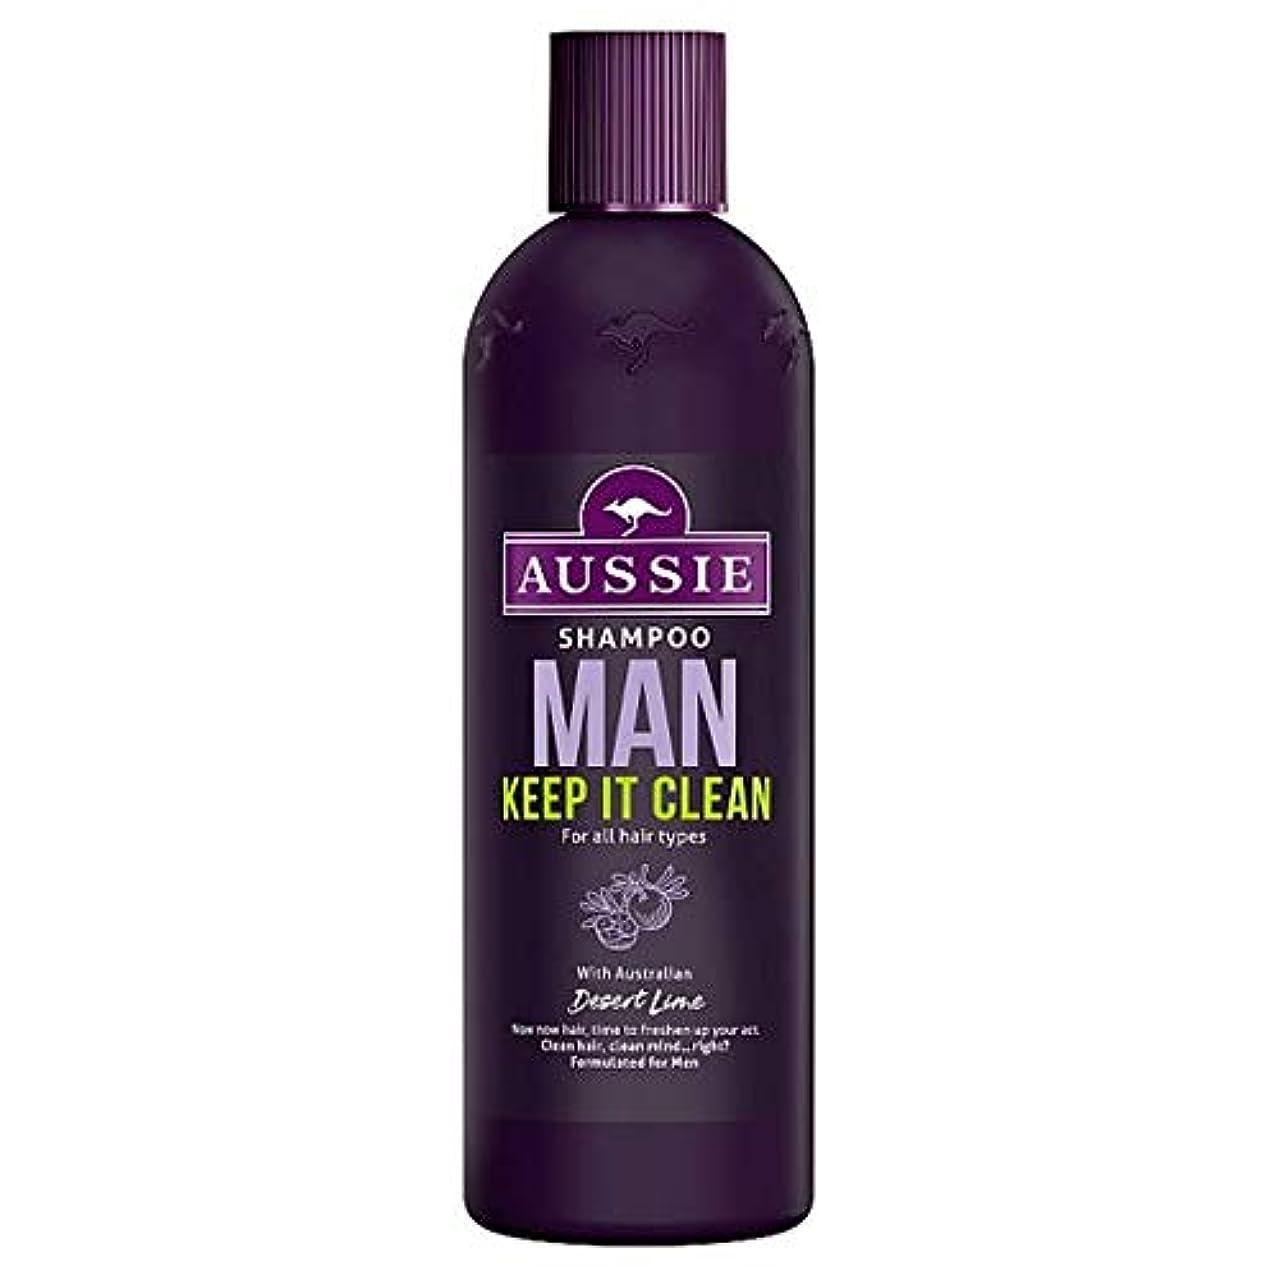 盗難ボス機動[Aussie] オージー男はそれきれいなシャンプー300ミリリットル保ちます - Aussie Man Keep It Clean Shampoo 300Ml [並行輸入品]